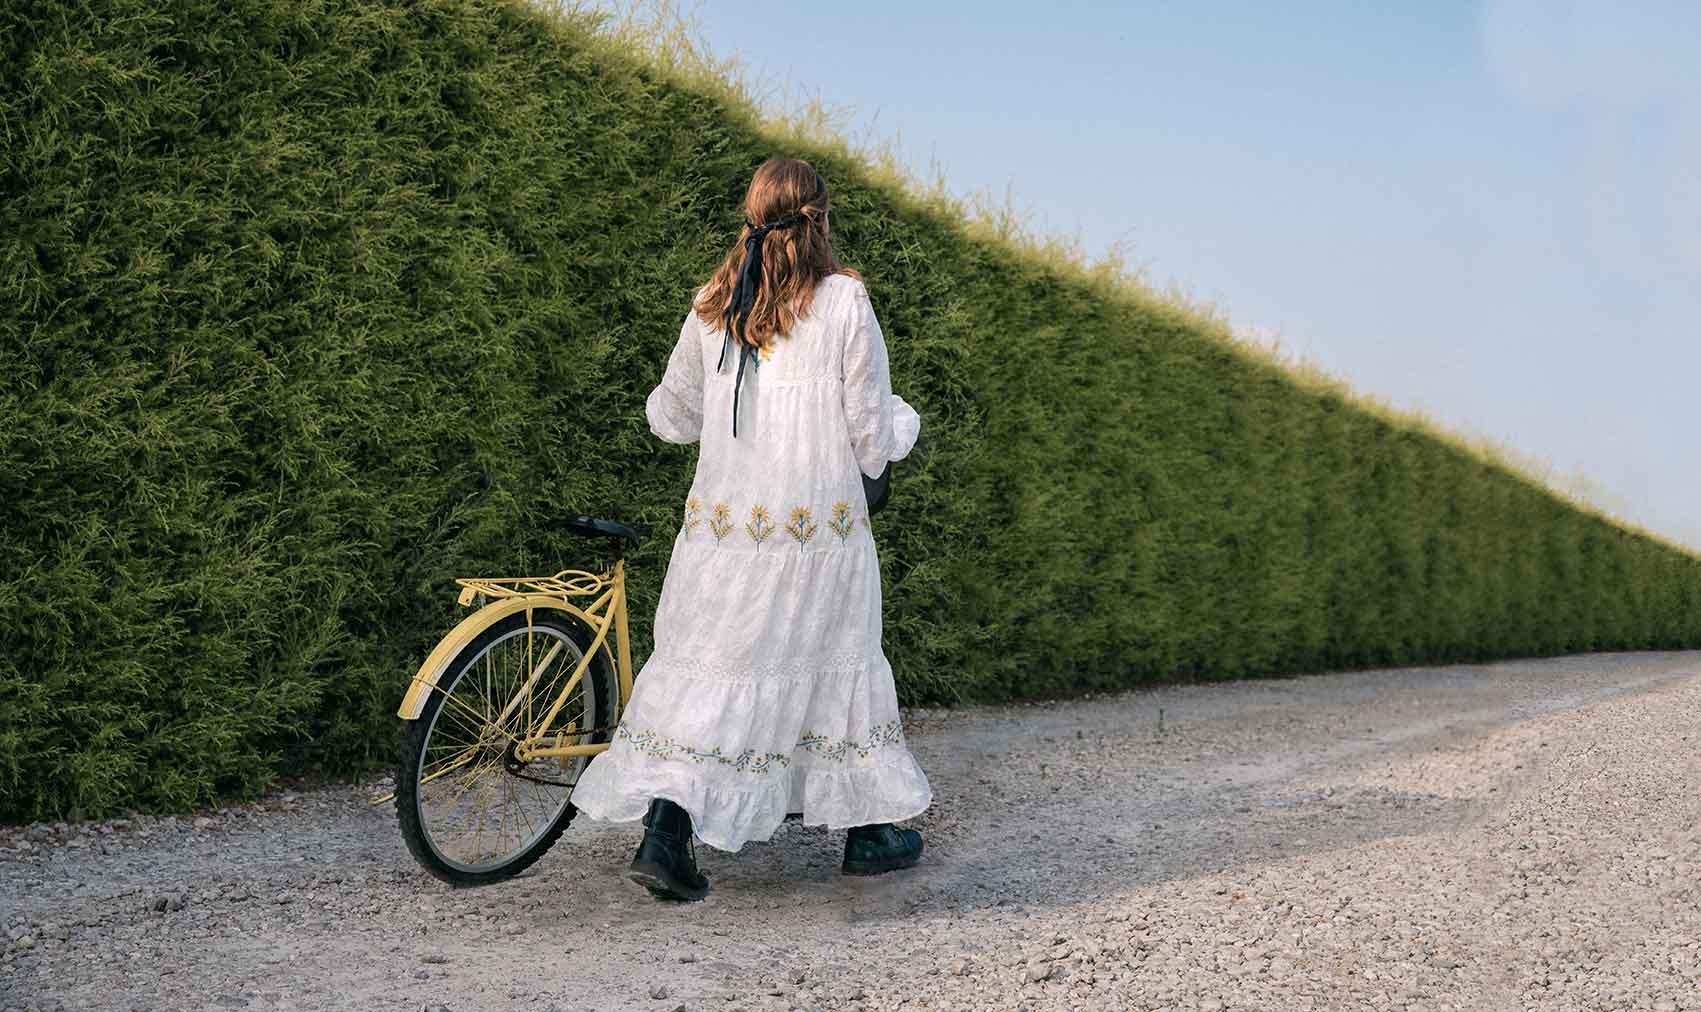 הפקת אופנה באווירה כפרית -אופנה